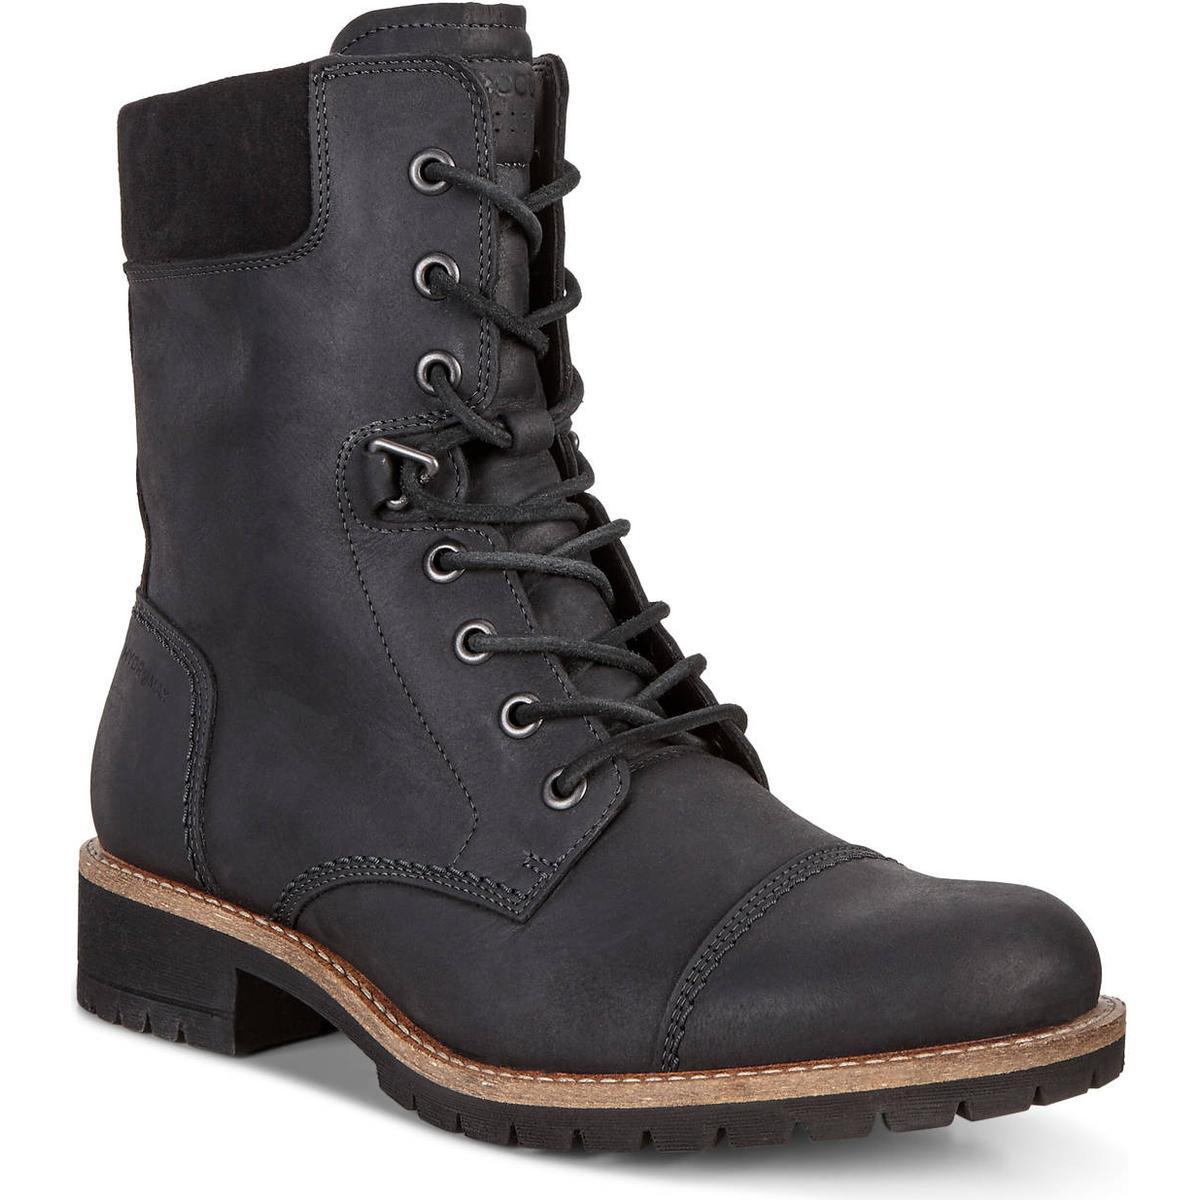 Dame støvler ecco • Find den billigste pris hos PriceRunner nu »